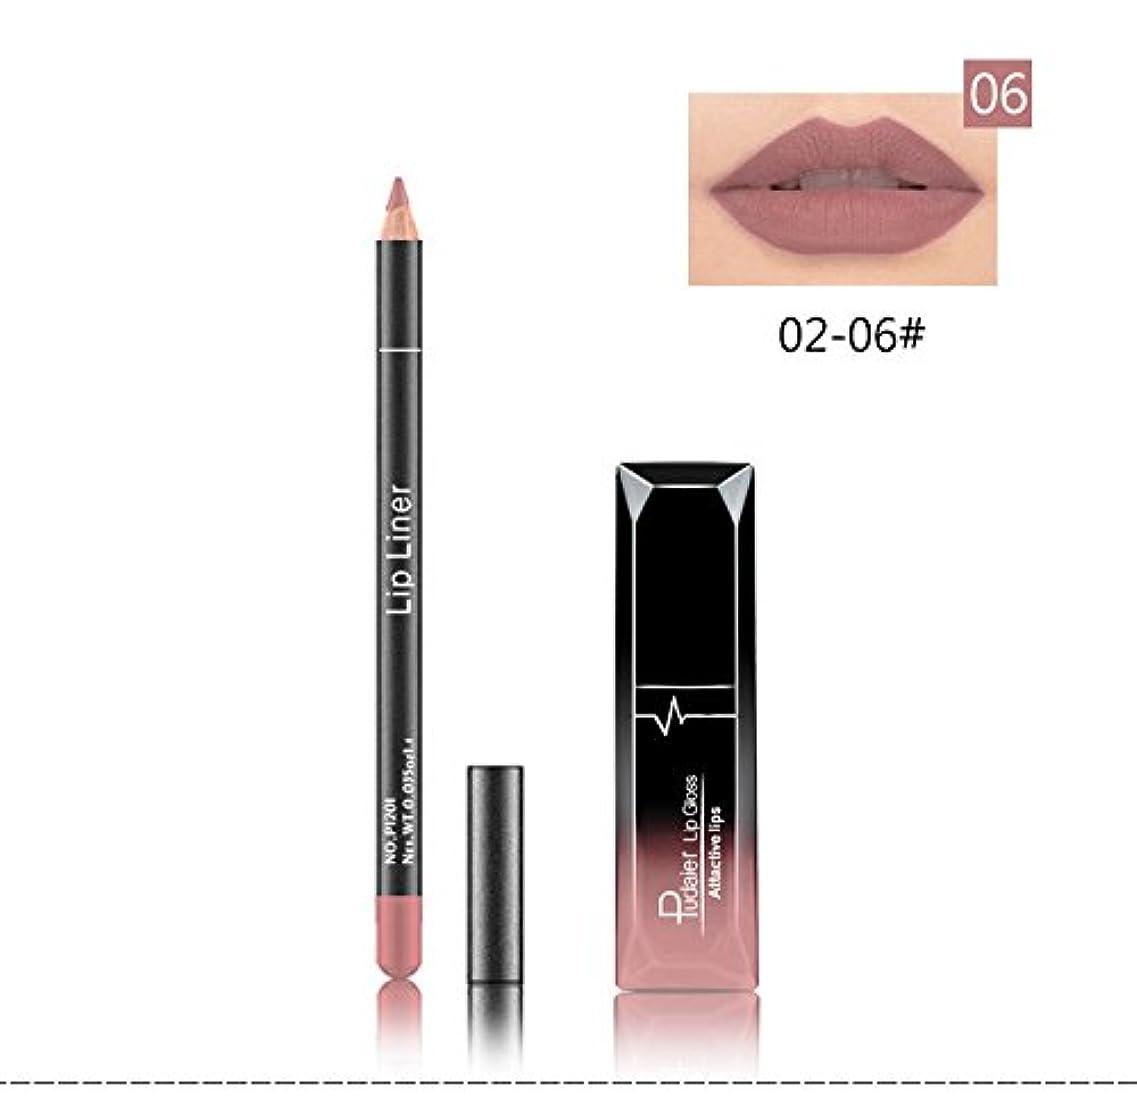 トランク達成可能宝石(06) Pudaier 1pc Matte Liquid Lipstick Cosmetic Lip Kit+ 1 Pc Nude Lip Liner Pencil MakeUp Set Waterproof Long...